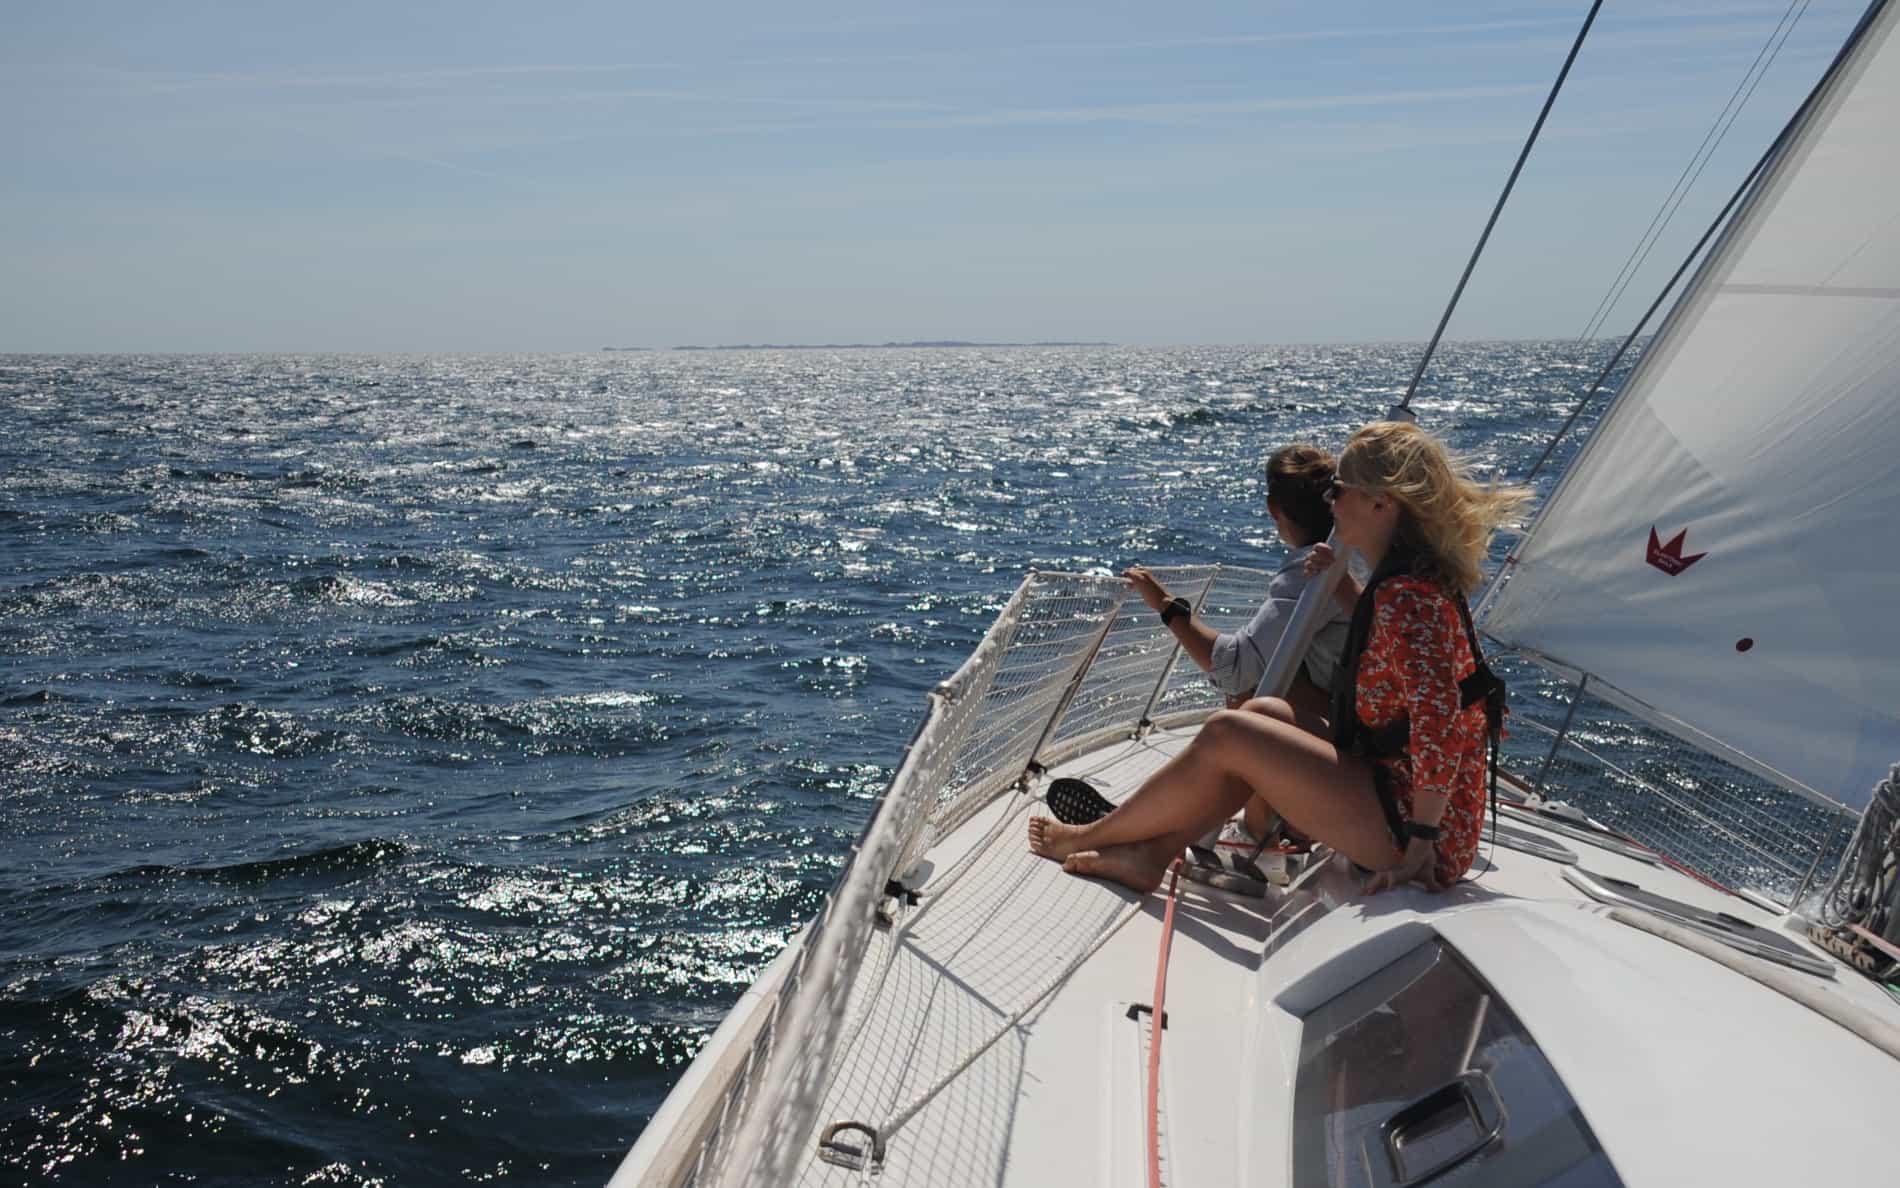 <div>Er drømmen en sejlferie Danmark rundt eller måske en tur over Øresund? Så er det et duelighedsbevis til sejlbåd, du har brug for.</div><p><br></p><p>Det tager kun en weekend at gennemføre duelighedsprøven i sejlads. Kurset inkluderer et lærerigt navigationselement, og duelighedsbeviset er gyldigt i flere lande. Det koster 1.950 kroner at tage et duelighedsbevis til sejlbåd hos Sailors.</p>